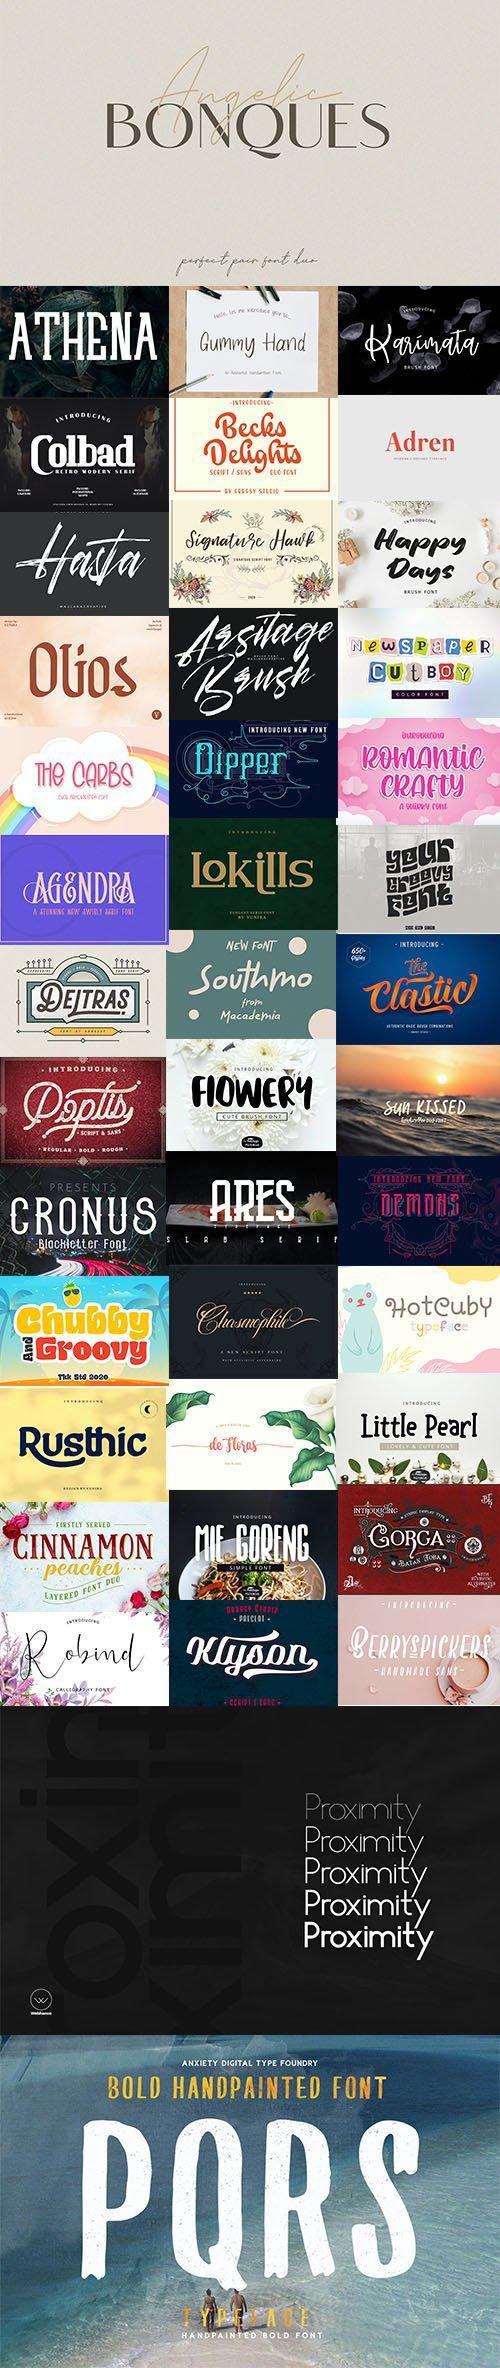 Super Fonts Pack Vol.2 [Aug/2020] - 42 Fonts